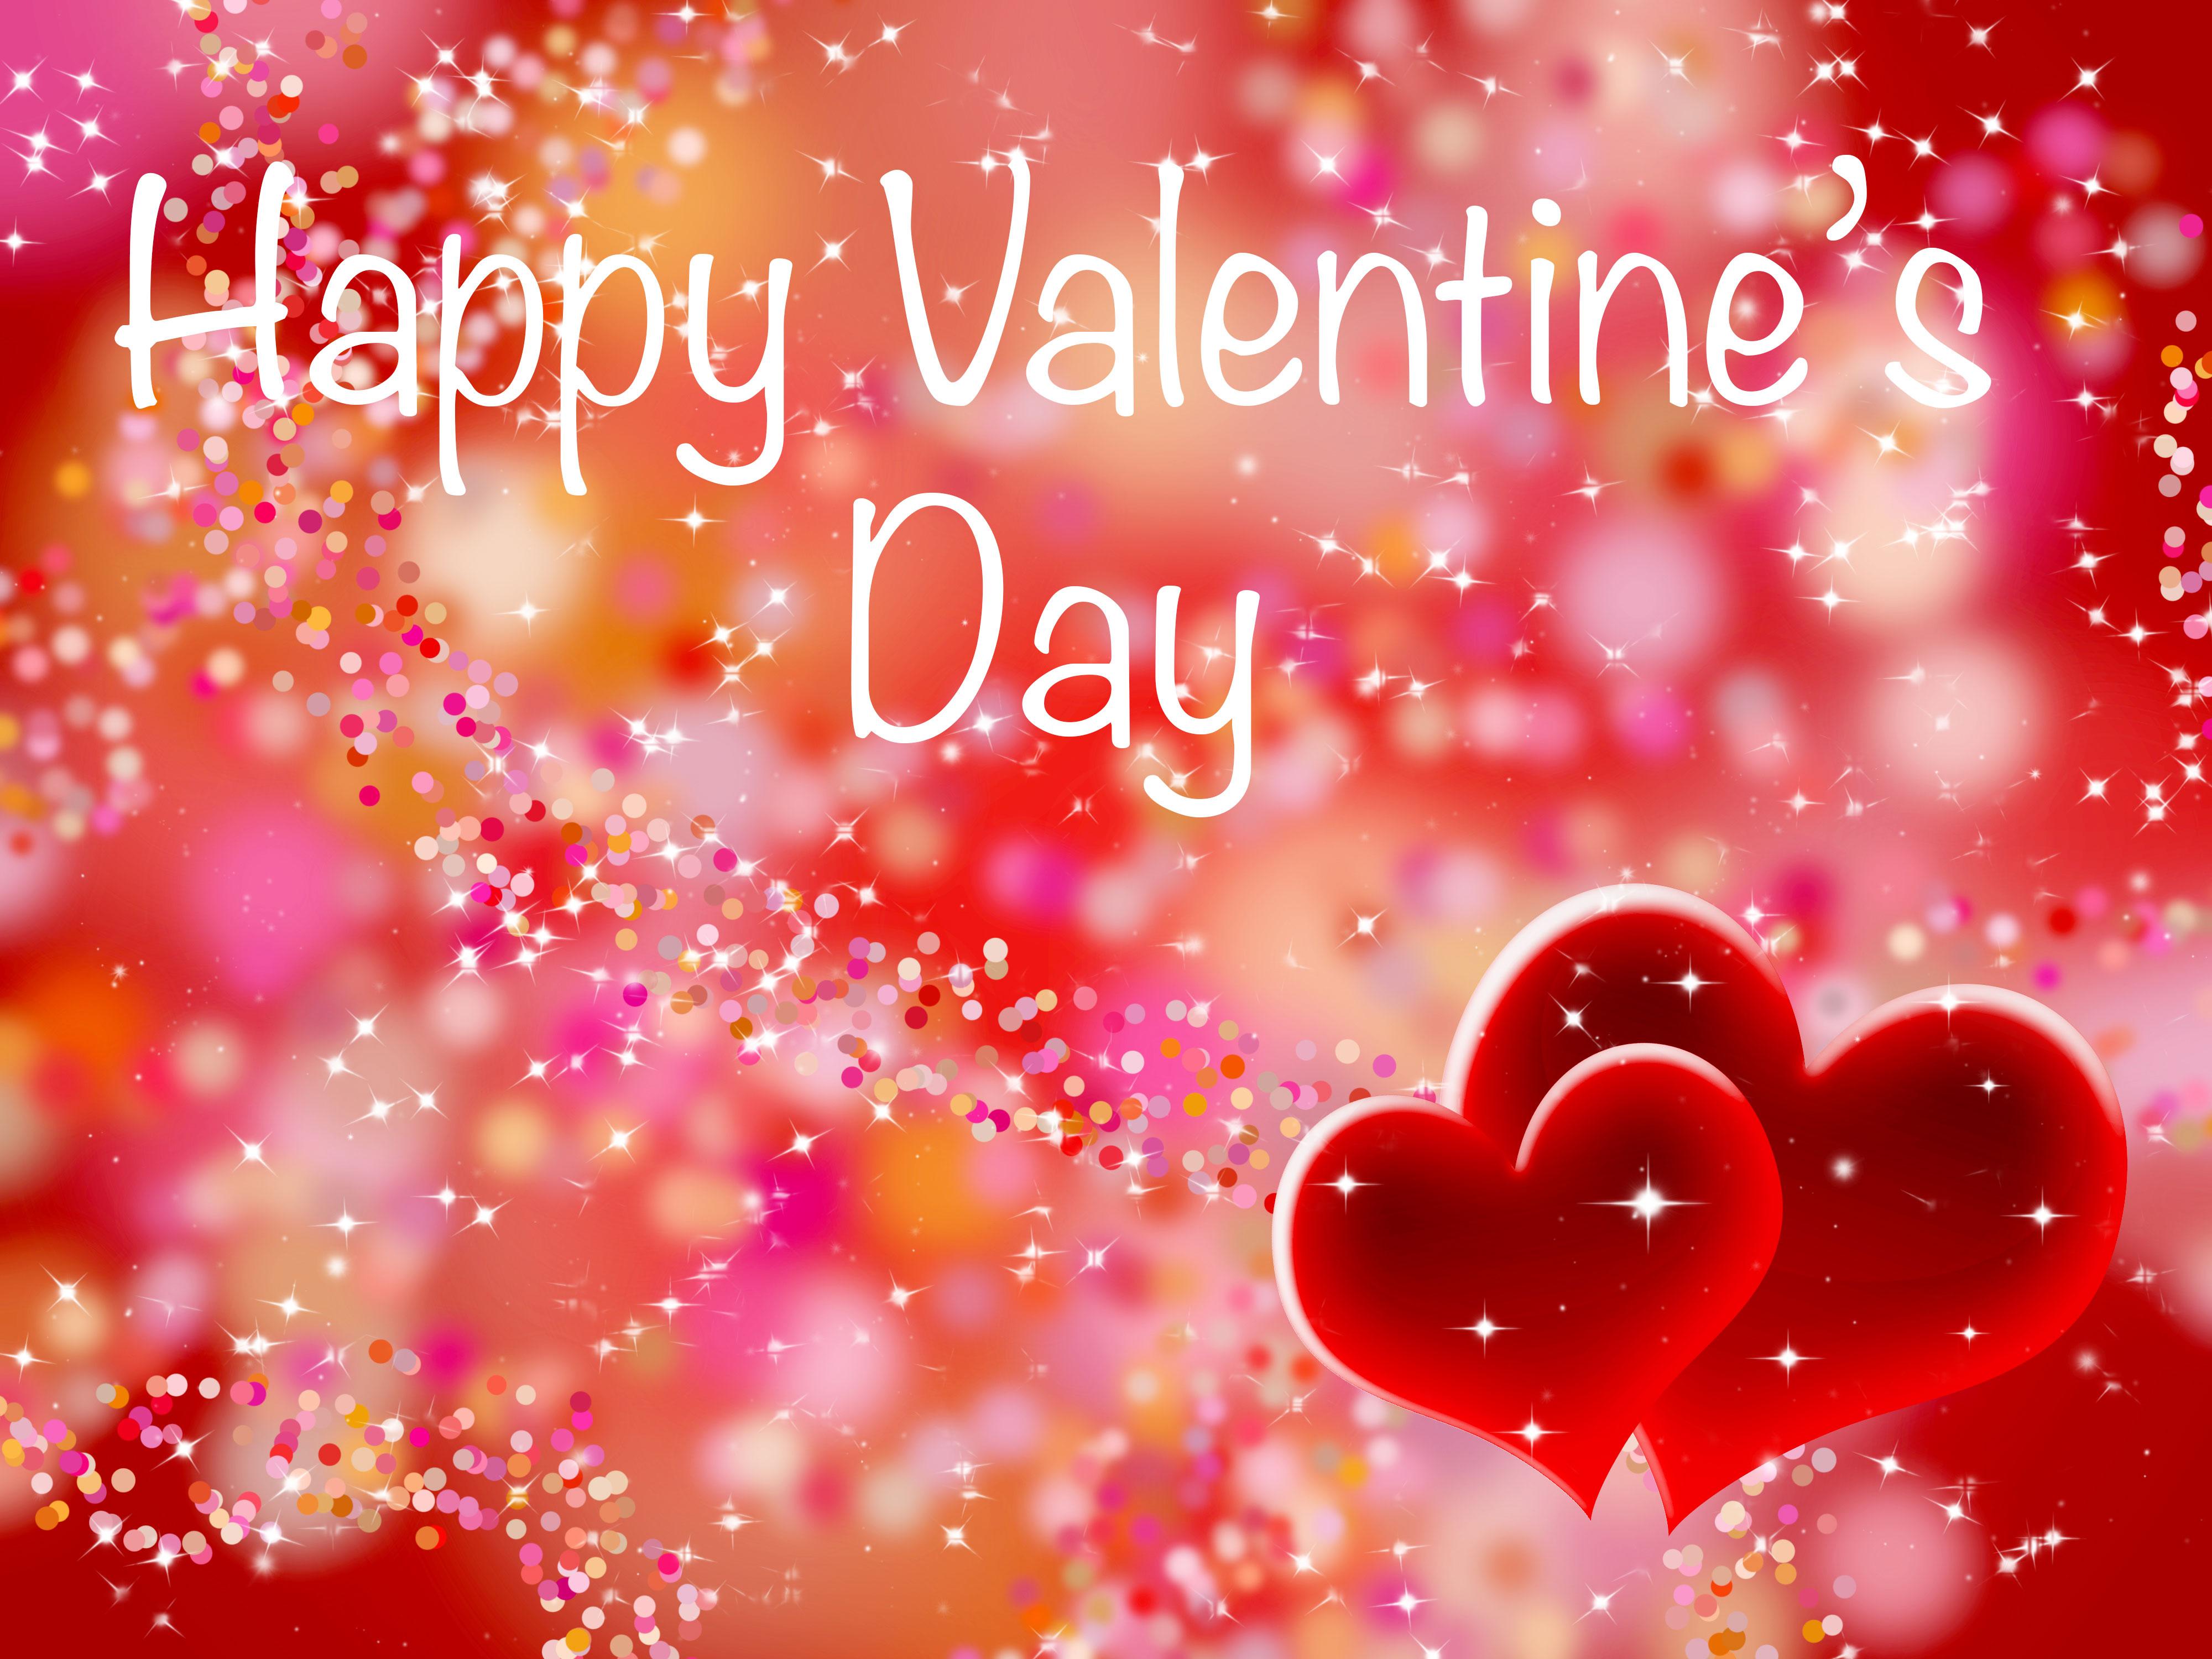 02 情人節 Valentines Day